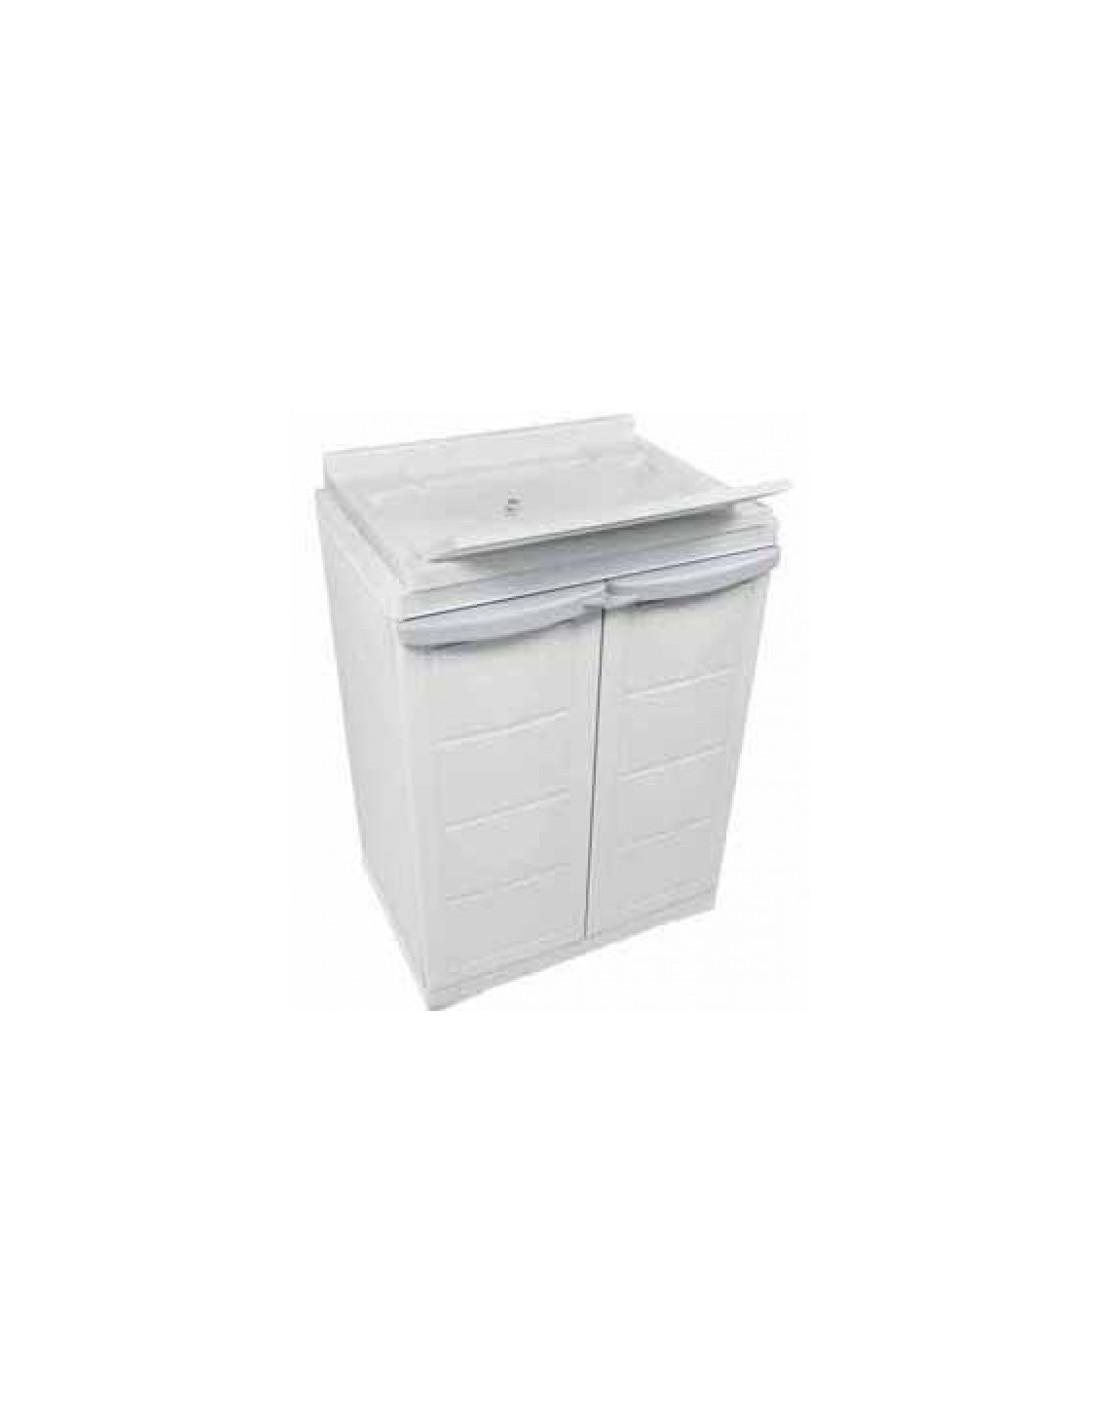 Mueble armario de resina con fregadero incorporado - Muebles de resina para exterior ...